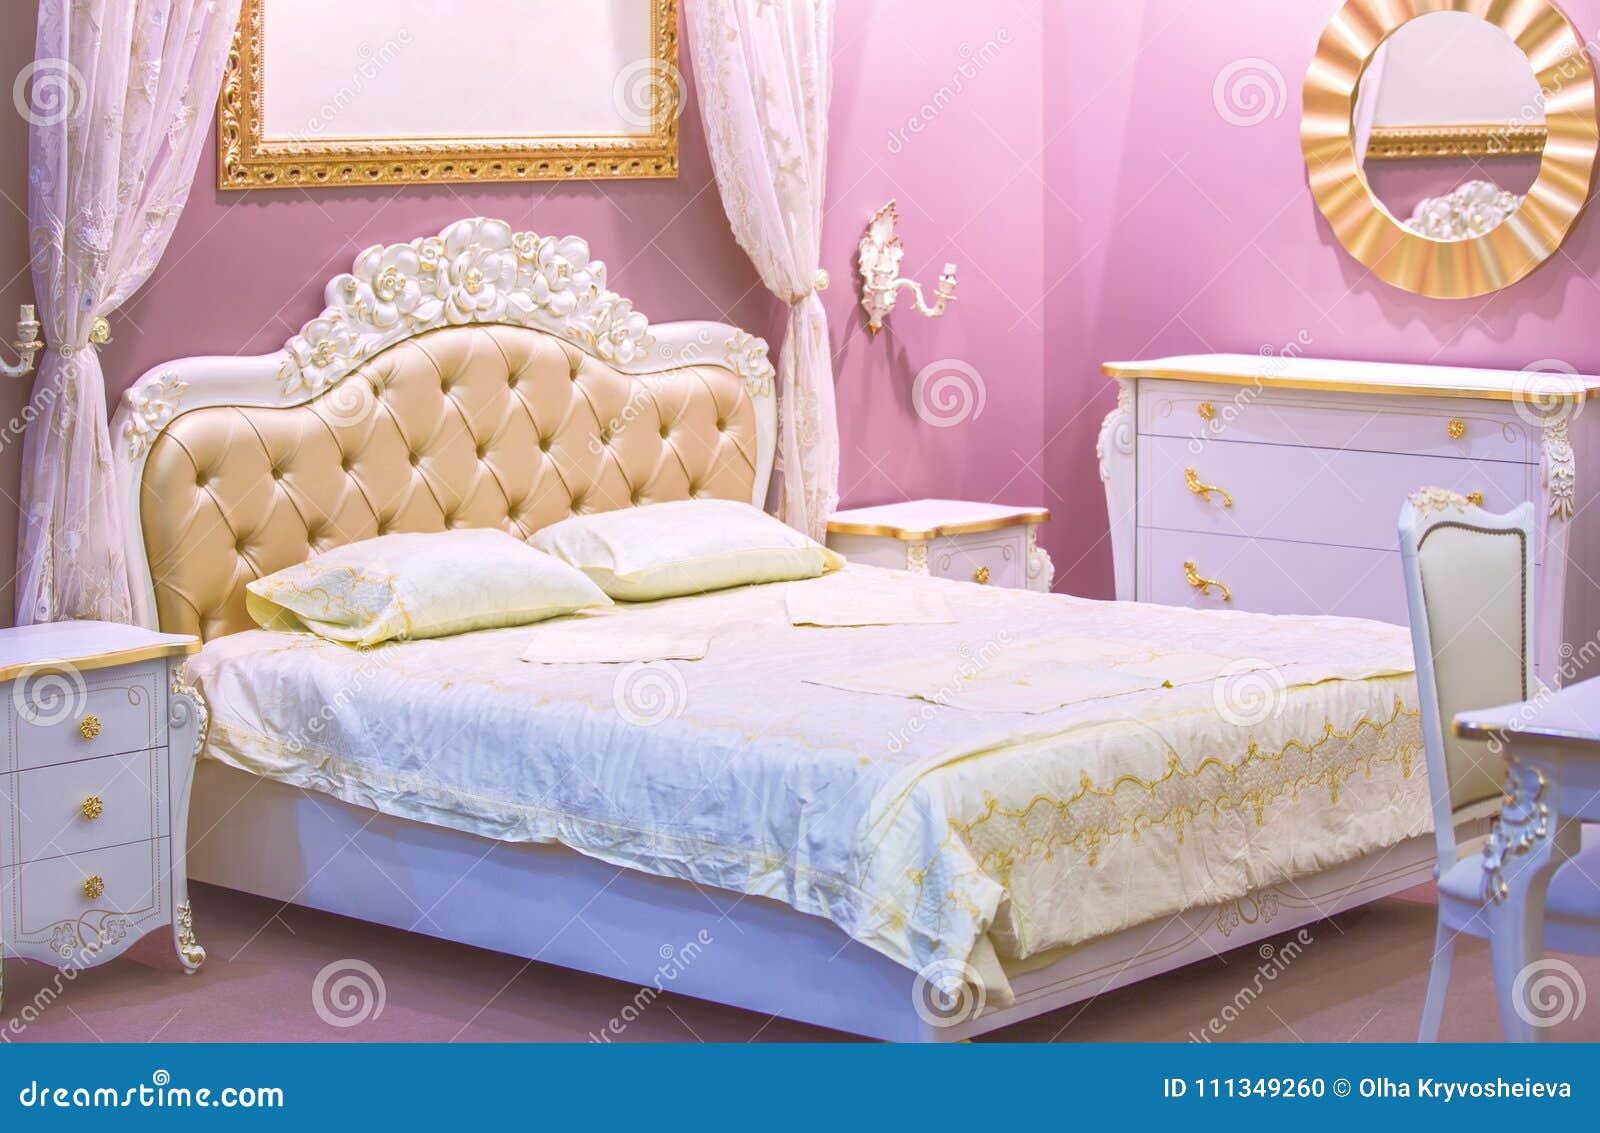 Chambre à Coucher Blanche Et Rose De Luxe Dans Le Style Antique Avec ...